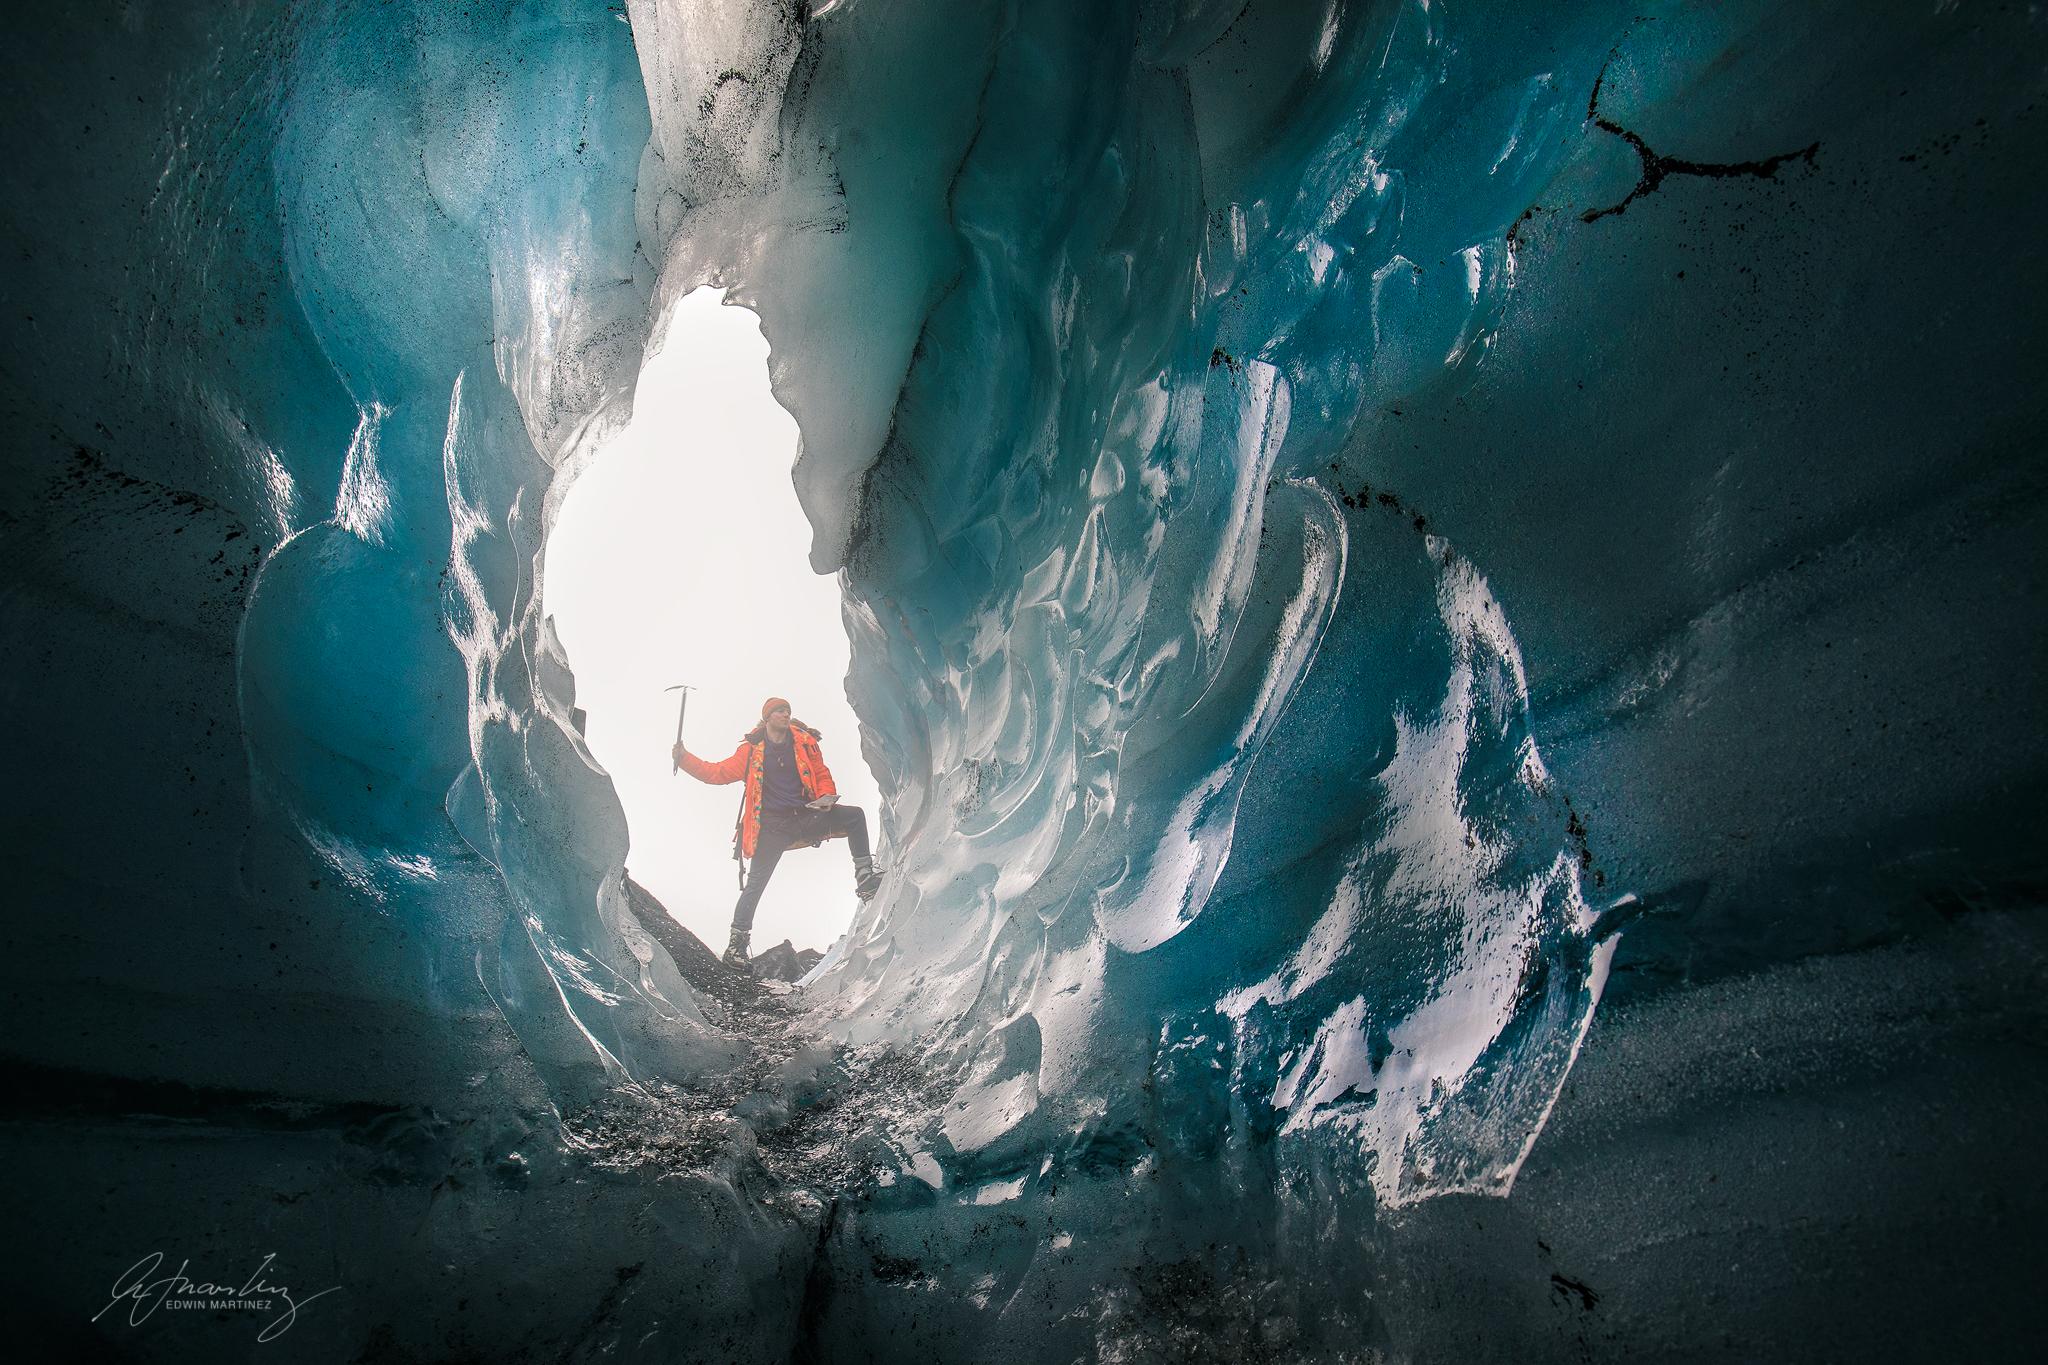 氷河にできたトンネル状の穴